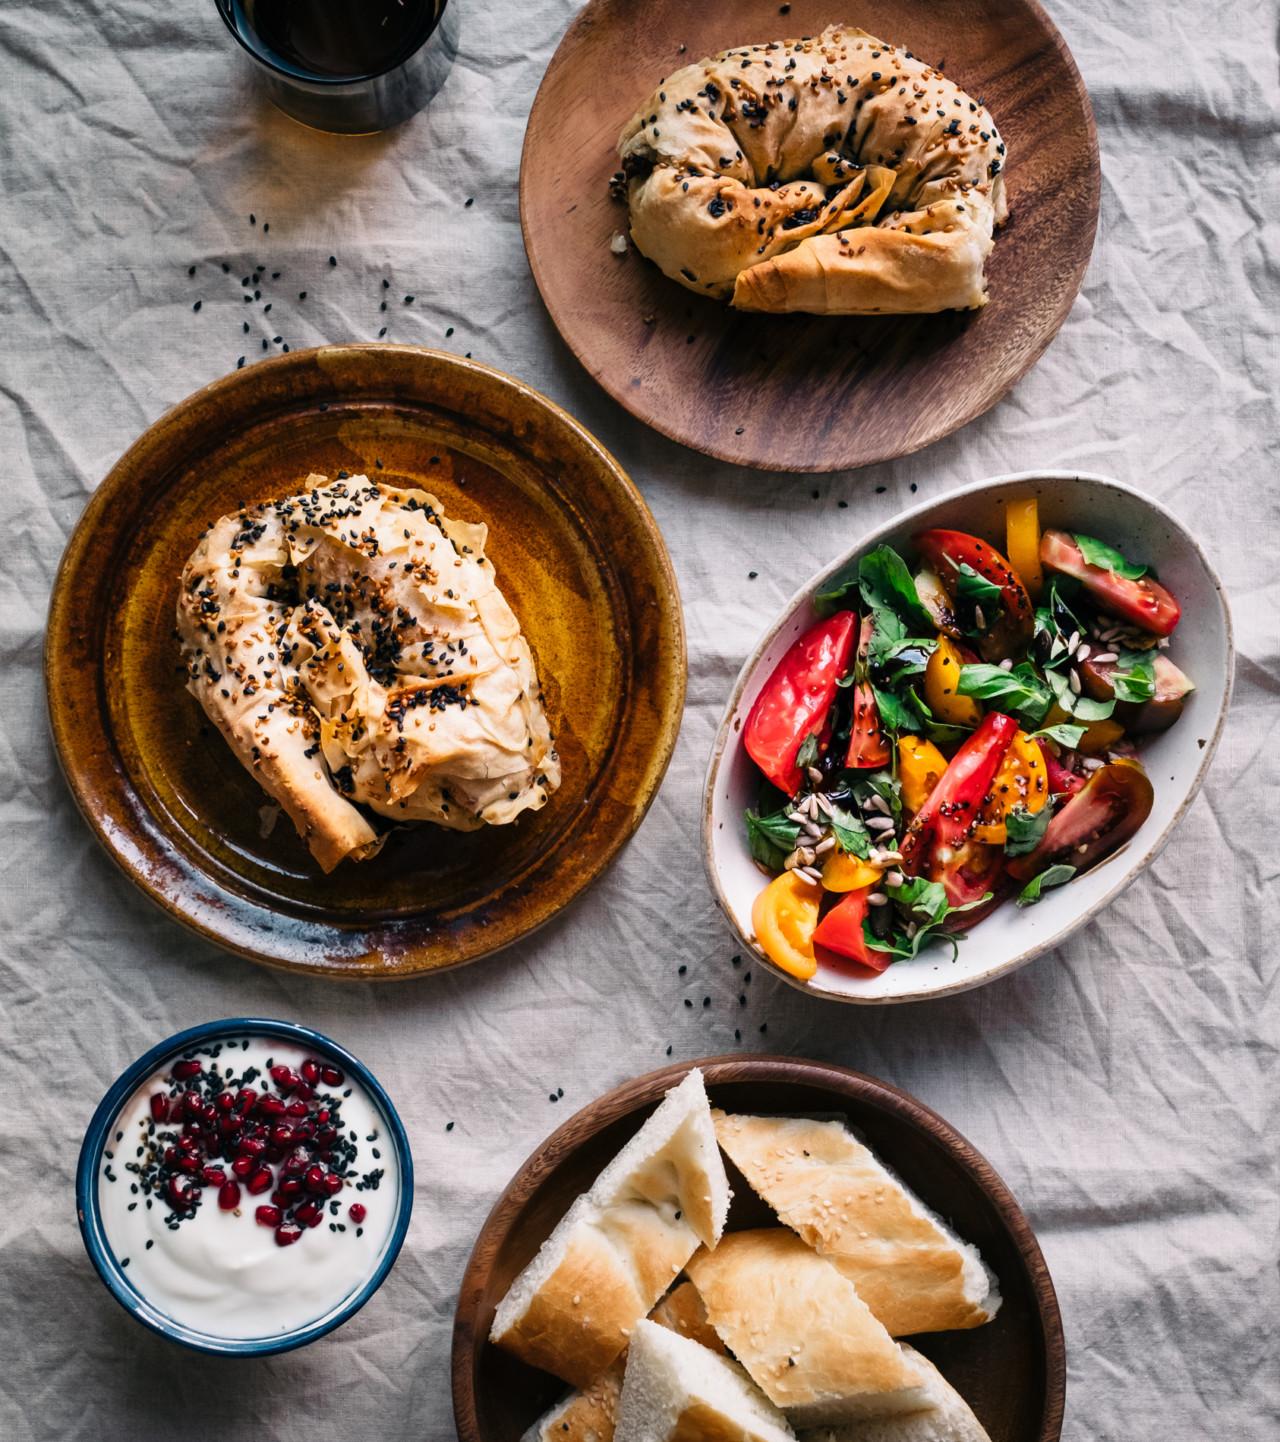 Es kann aufgetischt werden: Zweierlei Burek, als Vegi- und Fleischvariante.